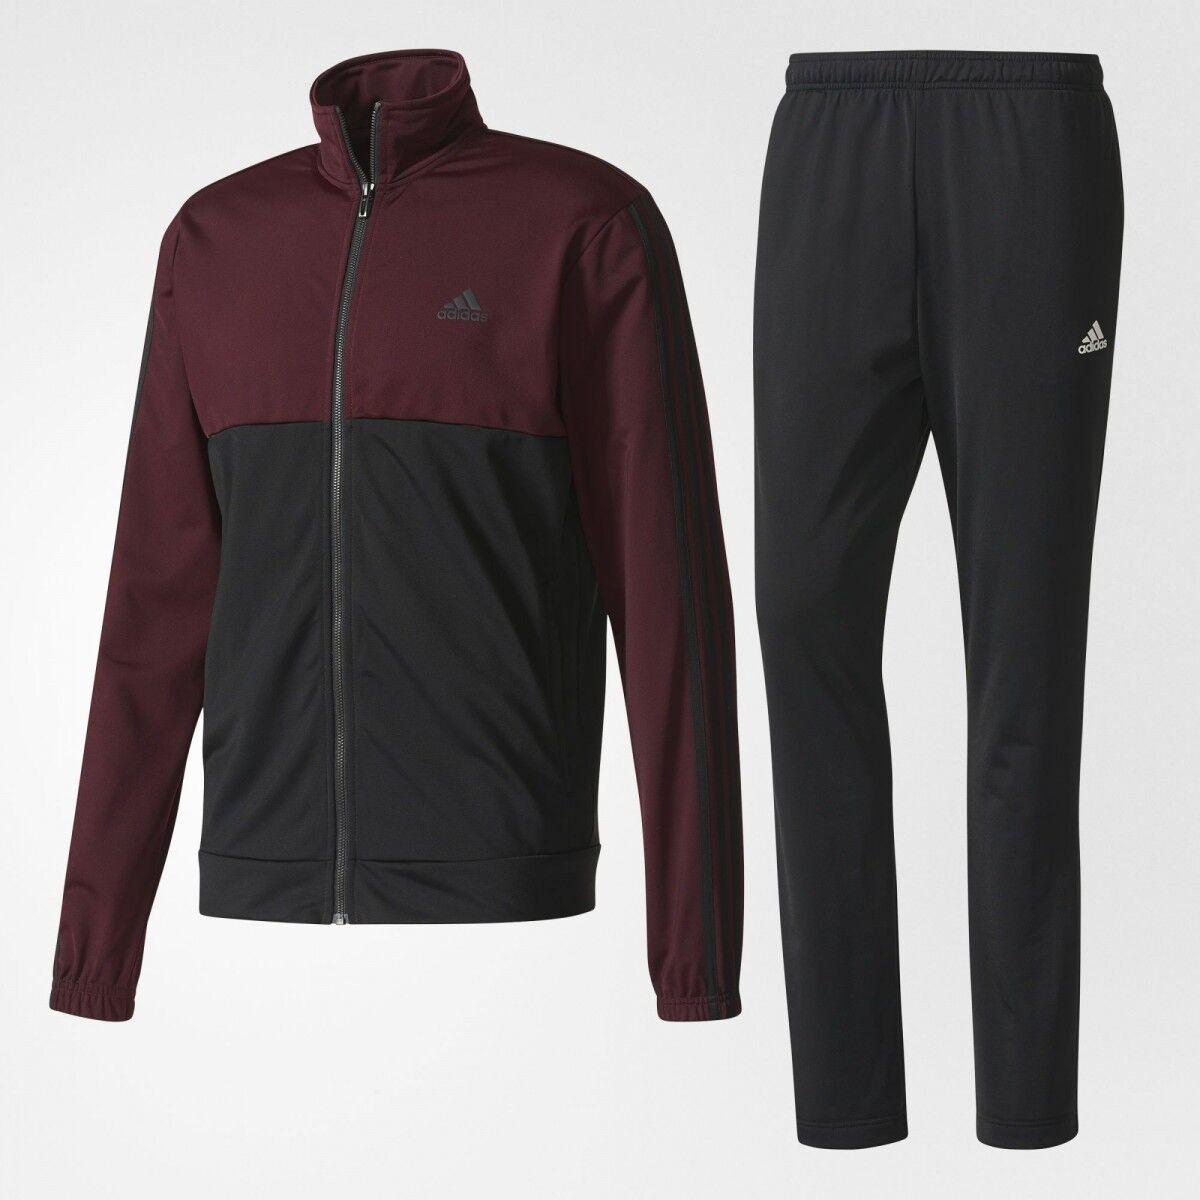 Neu Neu Neu Adidas Herren BQ8357 3 Streifen Trainingsanzug Schwarz Maroon Jacke & Hose 0308cd